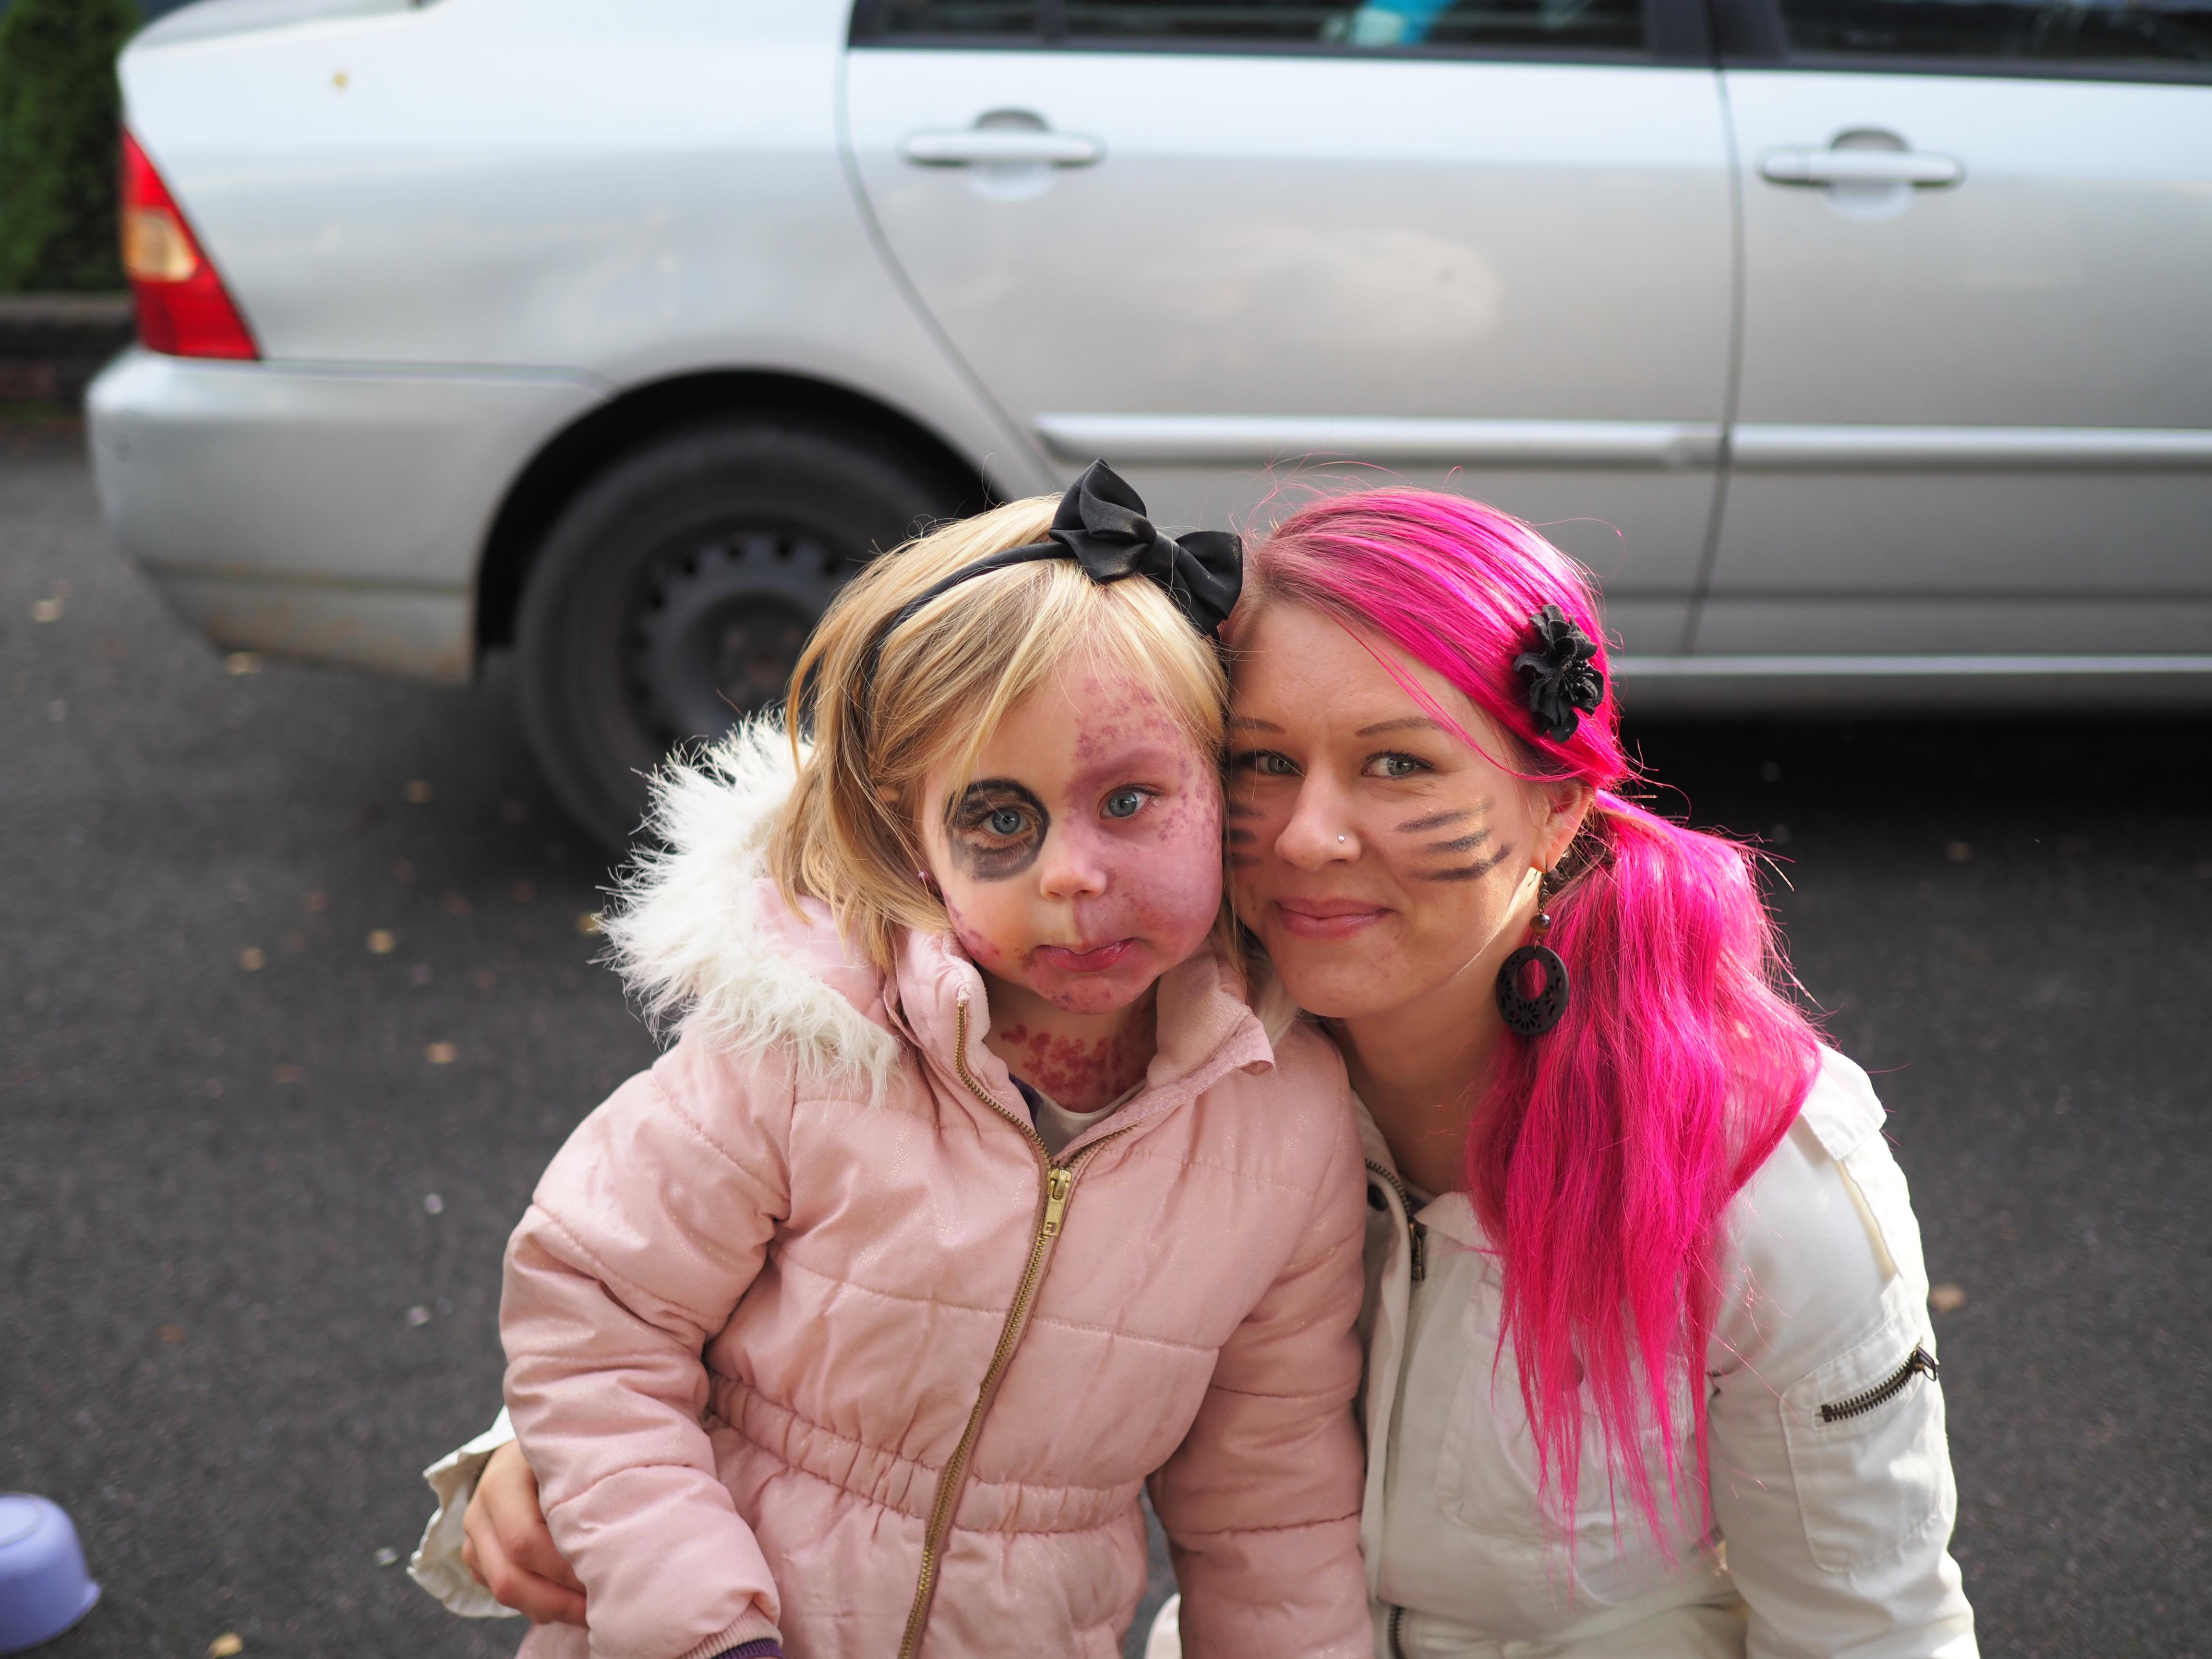 Amalia ja äiti lähdössä Amalian ystävän naamiaissynttäreille!